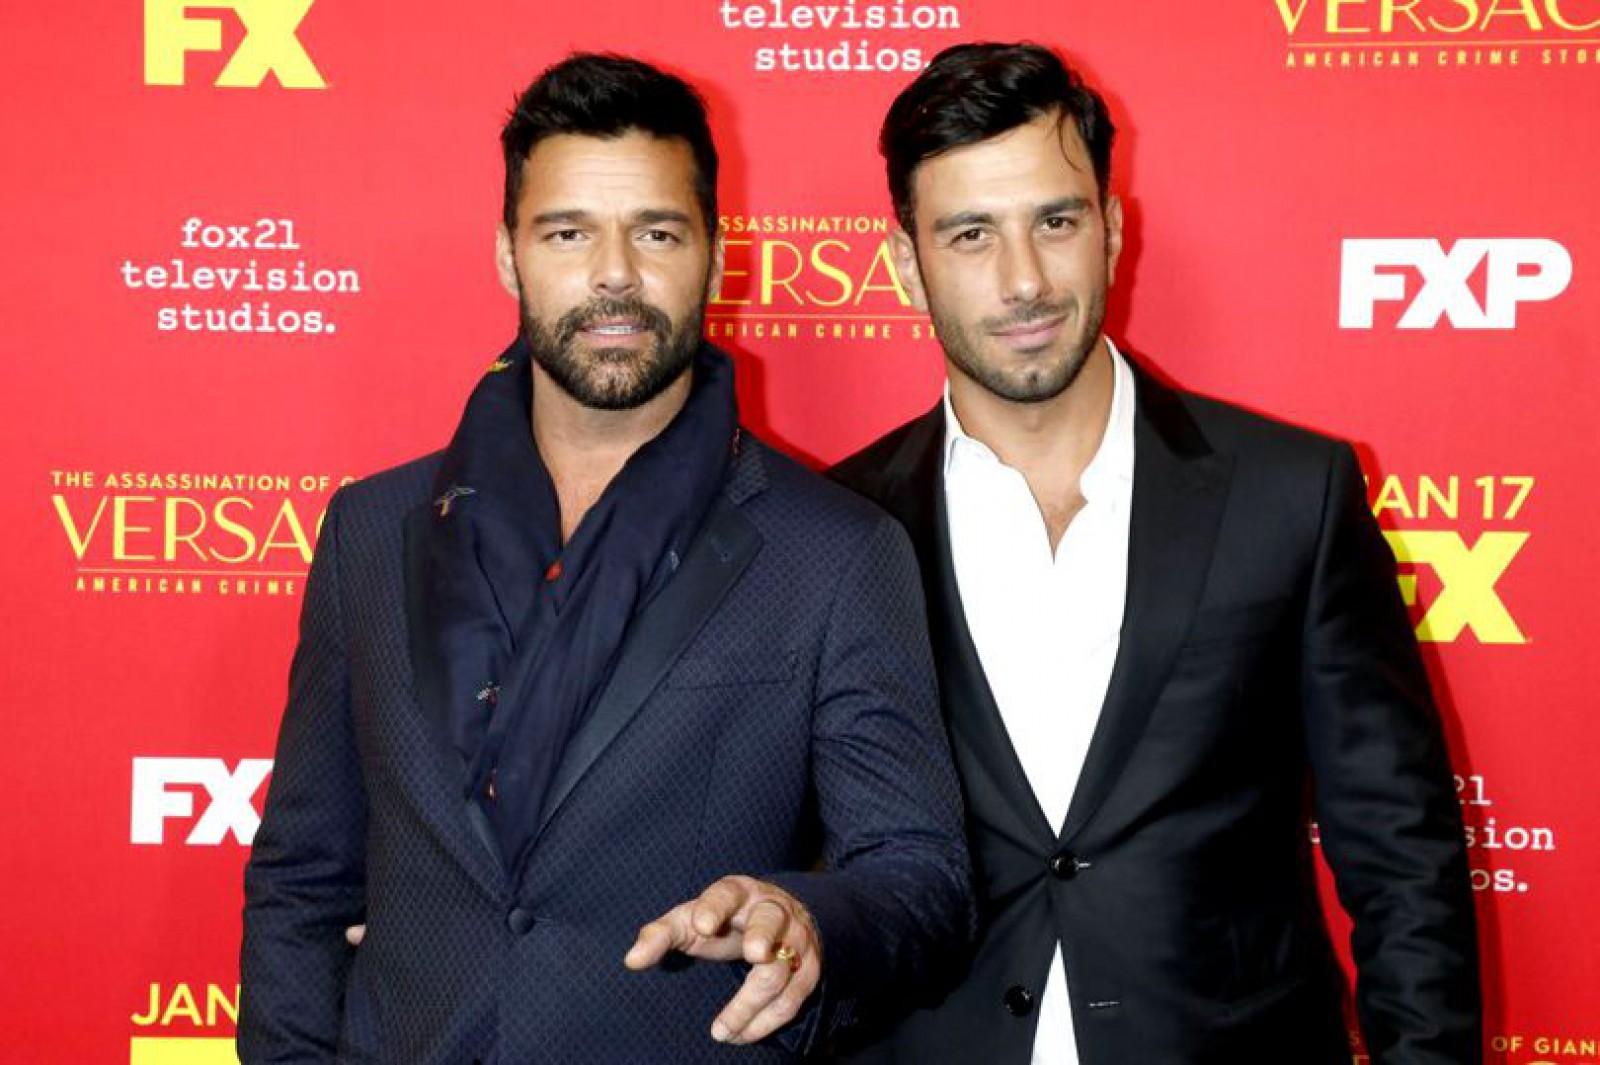 Ricky Martin s-a însurat cu iubitul lui, pictorul sirian Jwan Yosef